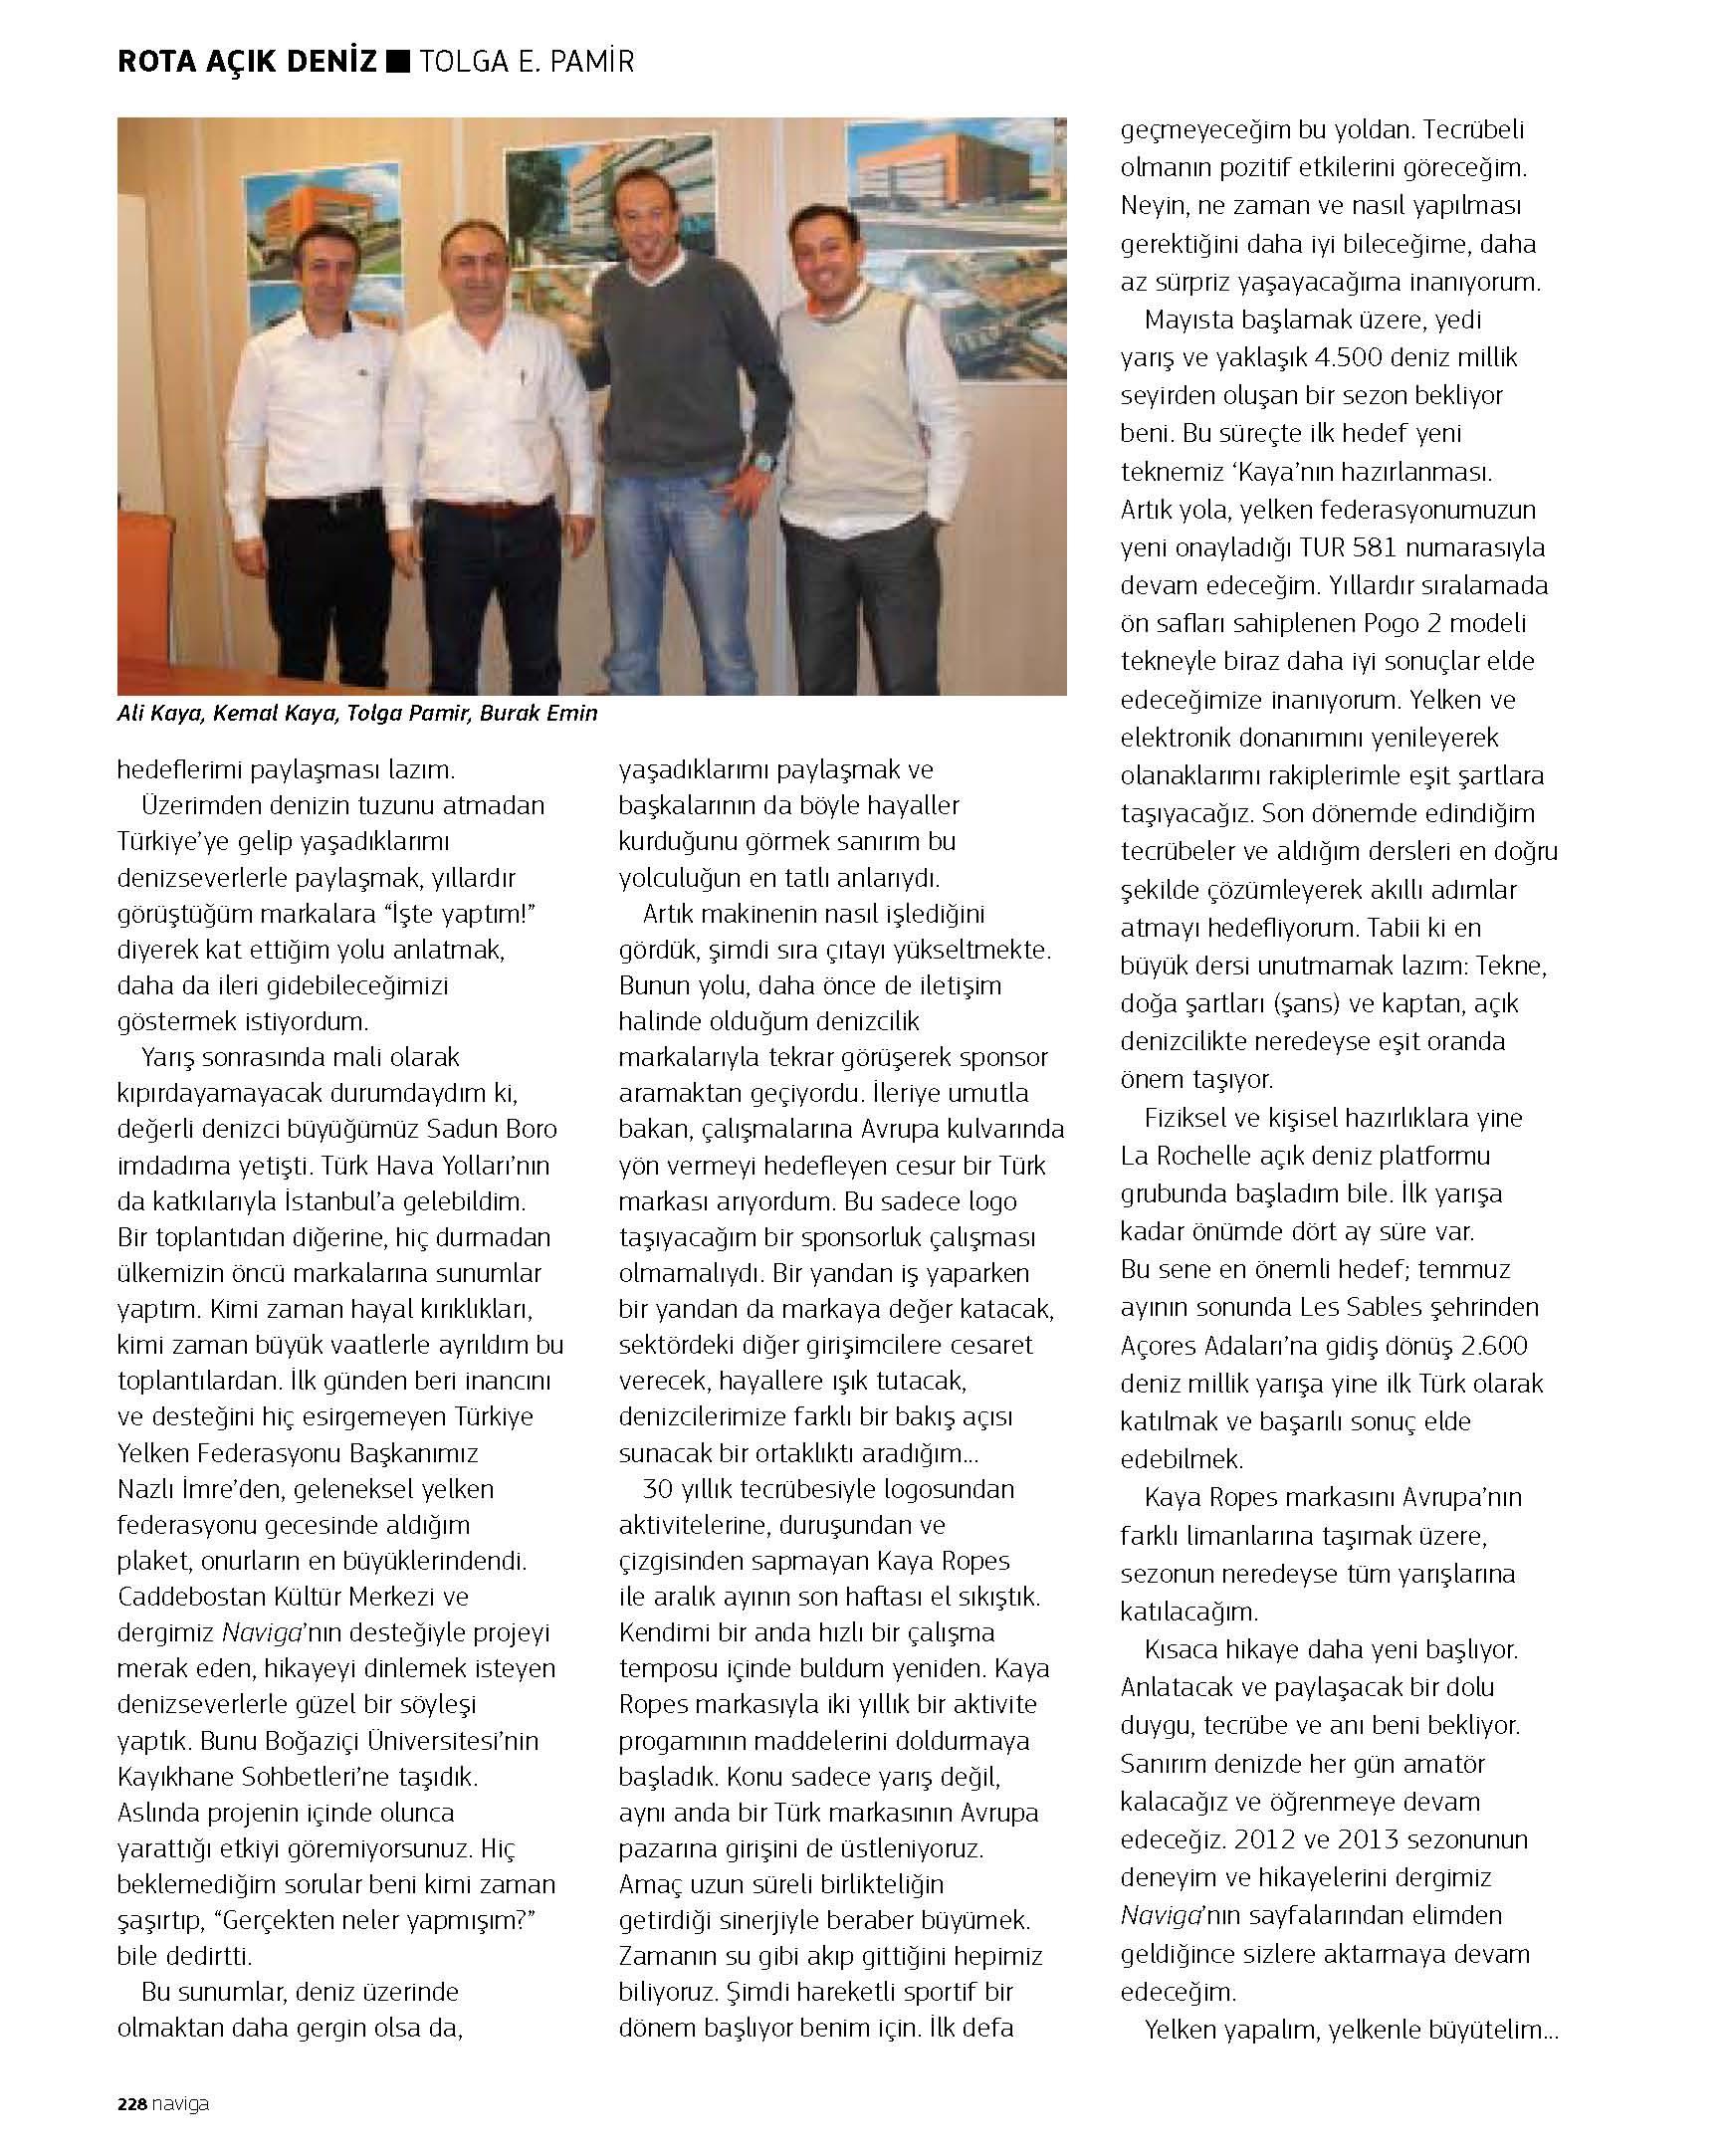 Naviga Subat 2012_Page_2.jpg